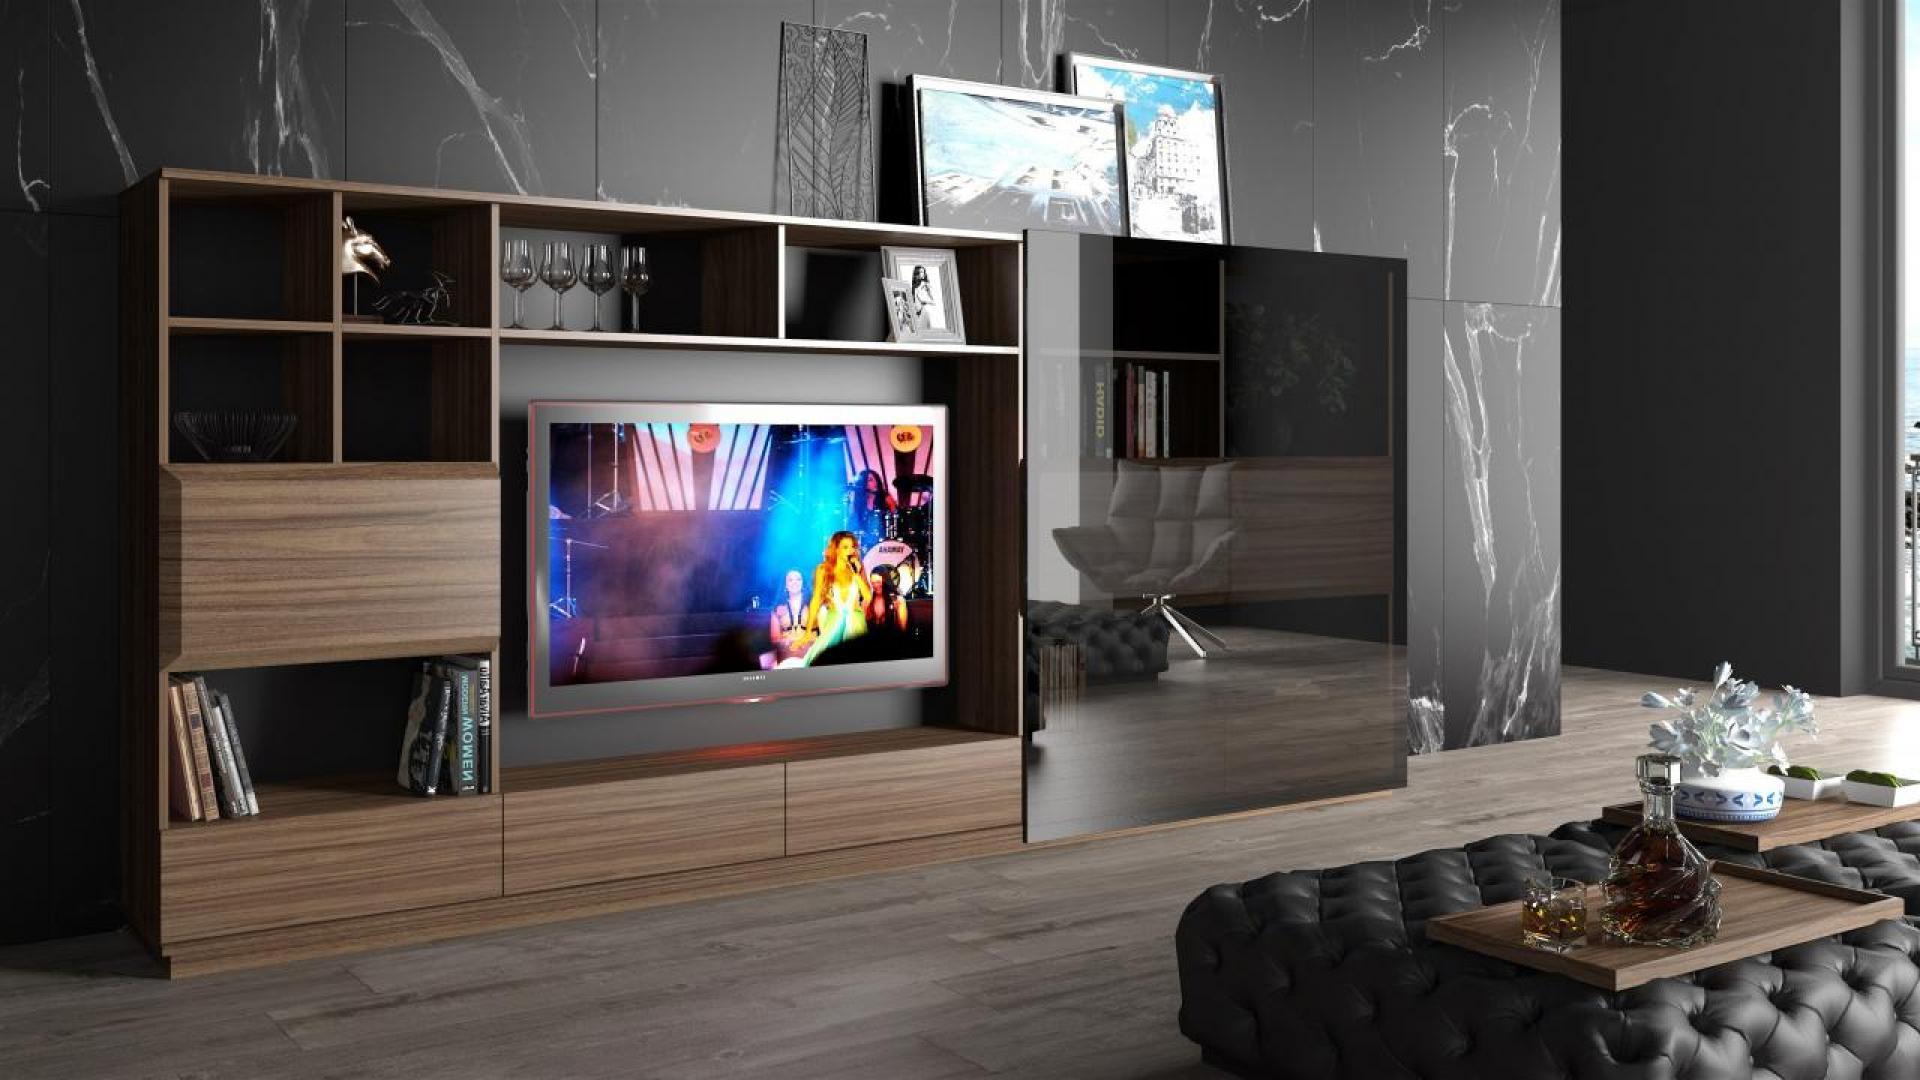 Antalya TV-Geräte